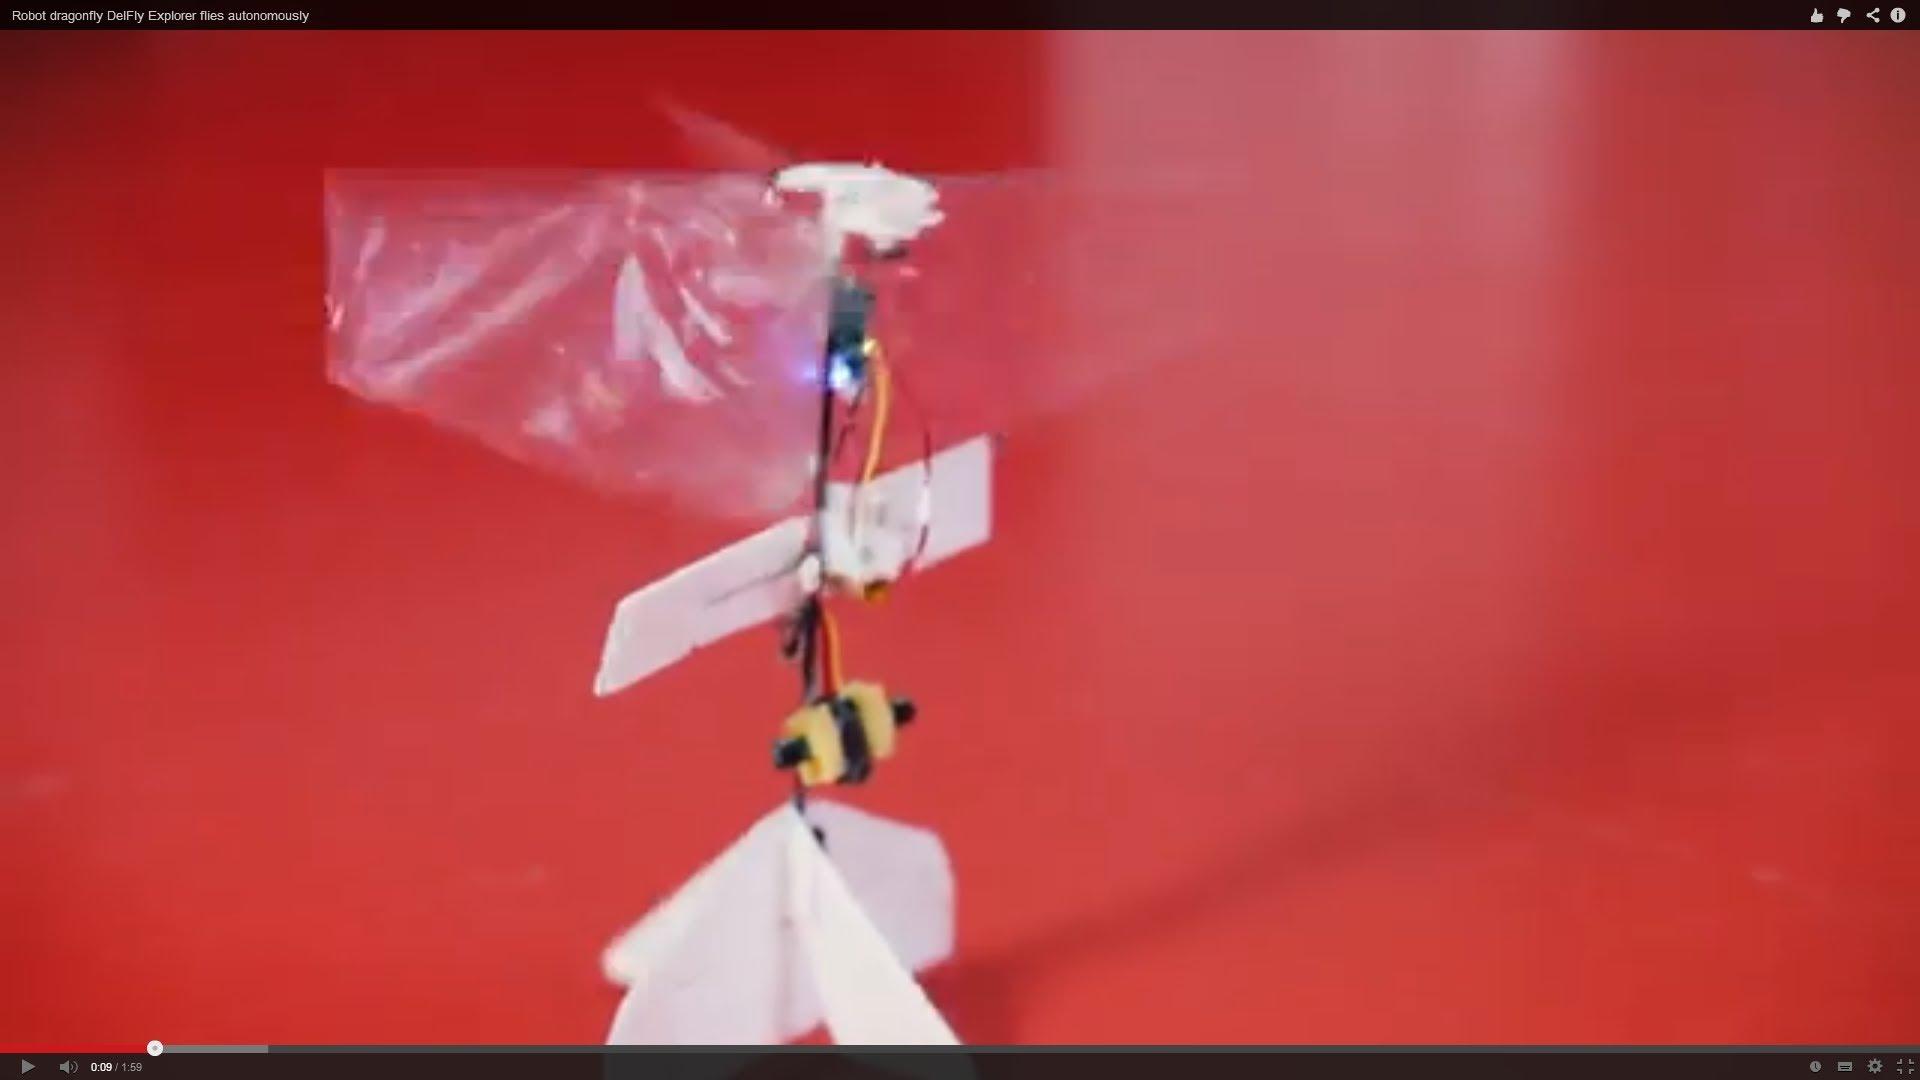 Une libellule robotique autonome de 20 grammes